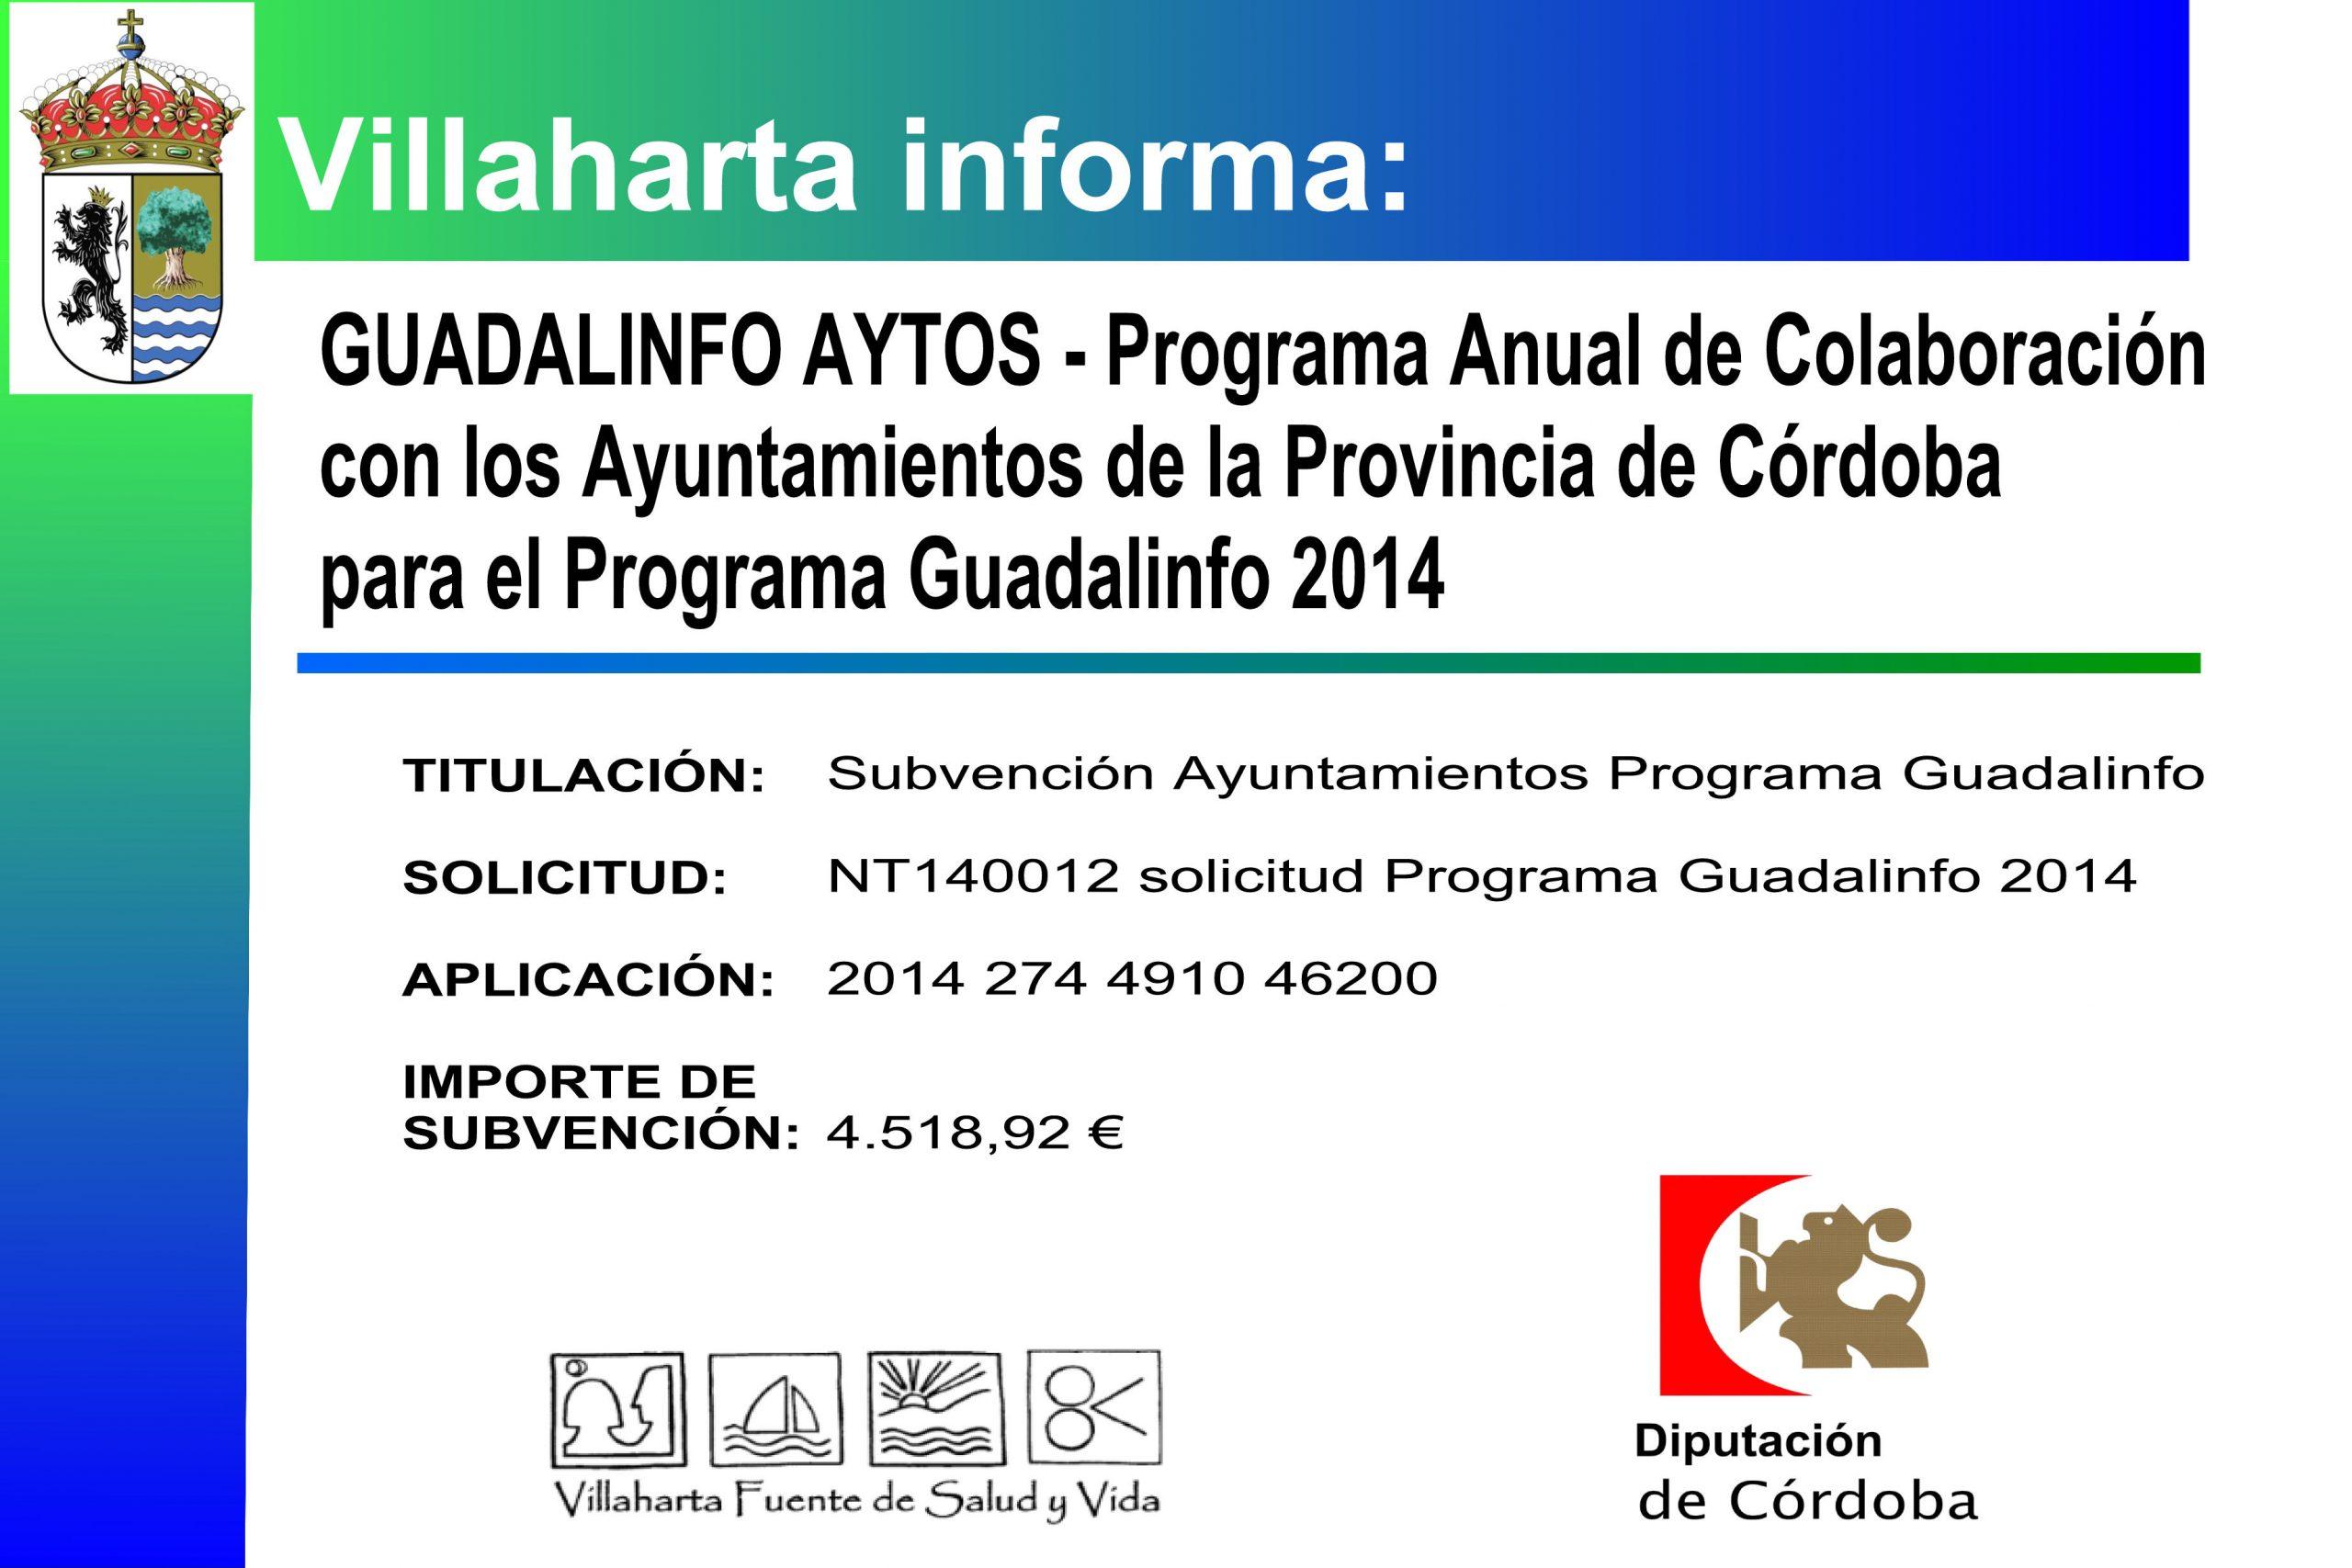 SUBVENCIONES RECIBIDAS 2014 4